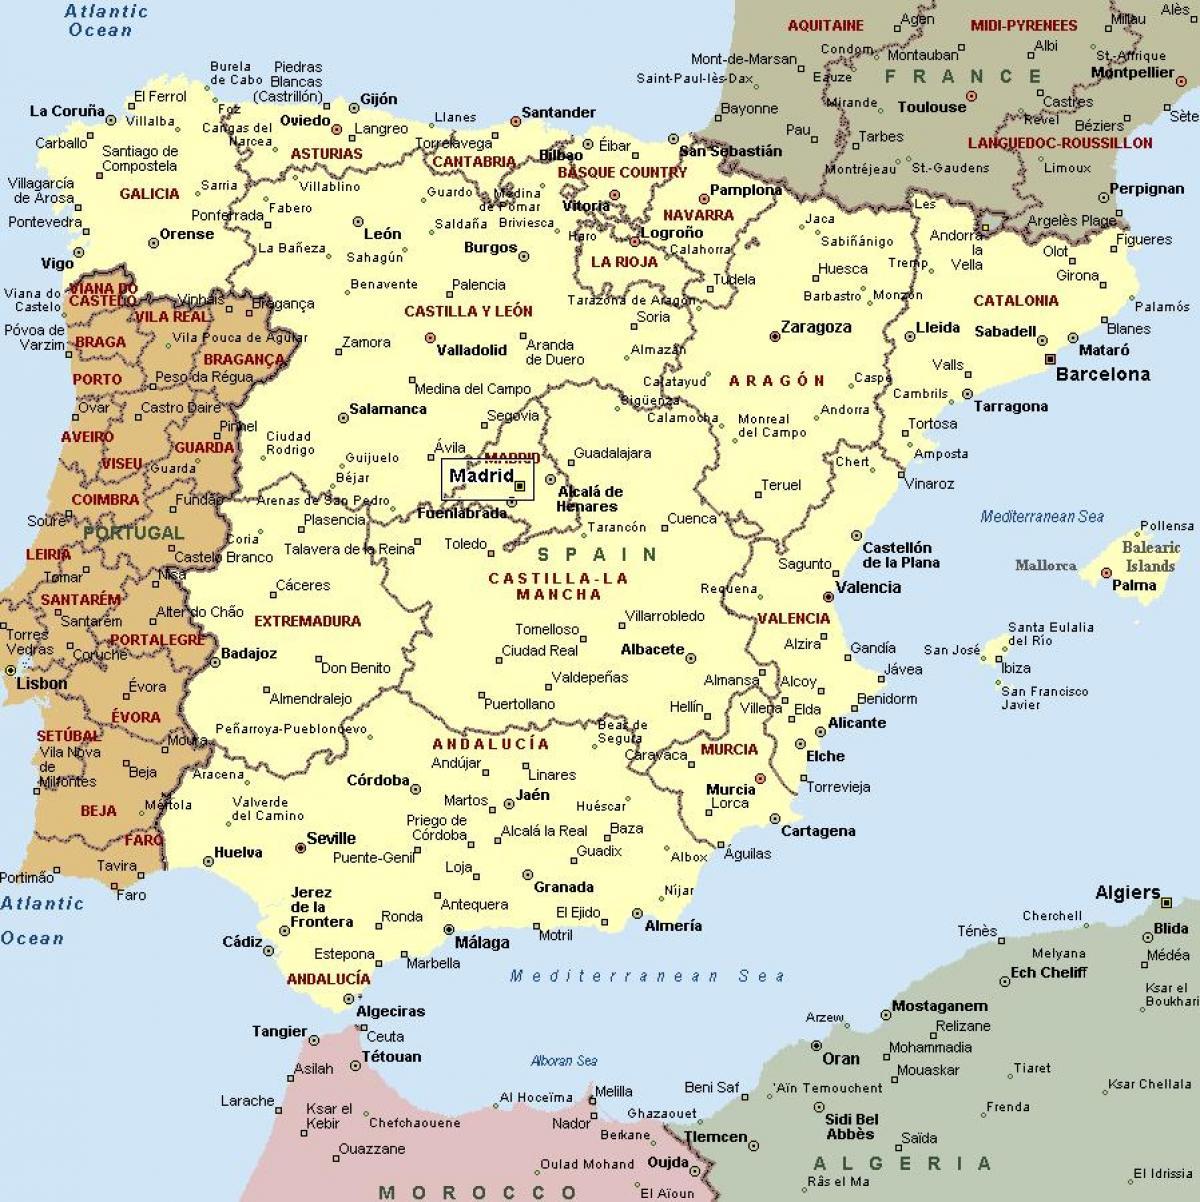 Karta Pa Spansk.Karta Over Spanien Med Stader Karta Over Spanien Och Stader Sodra